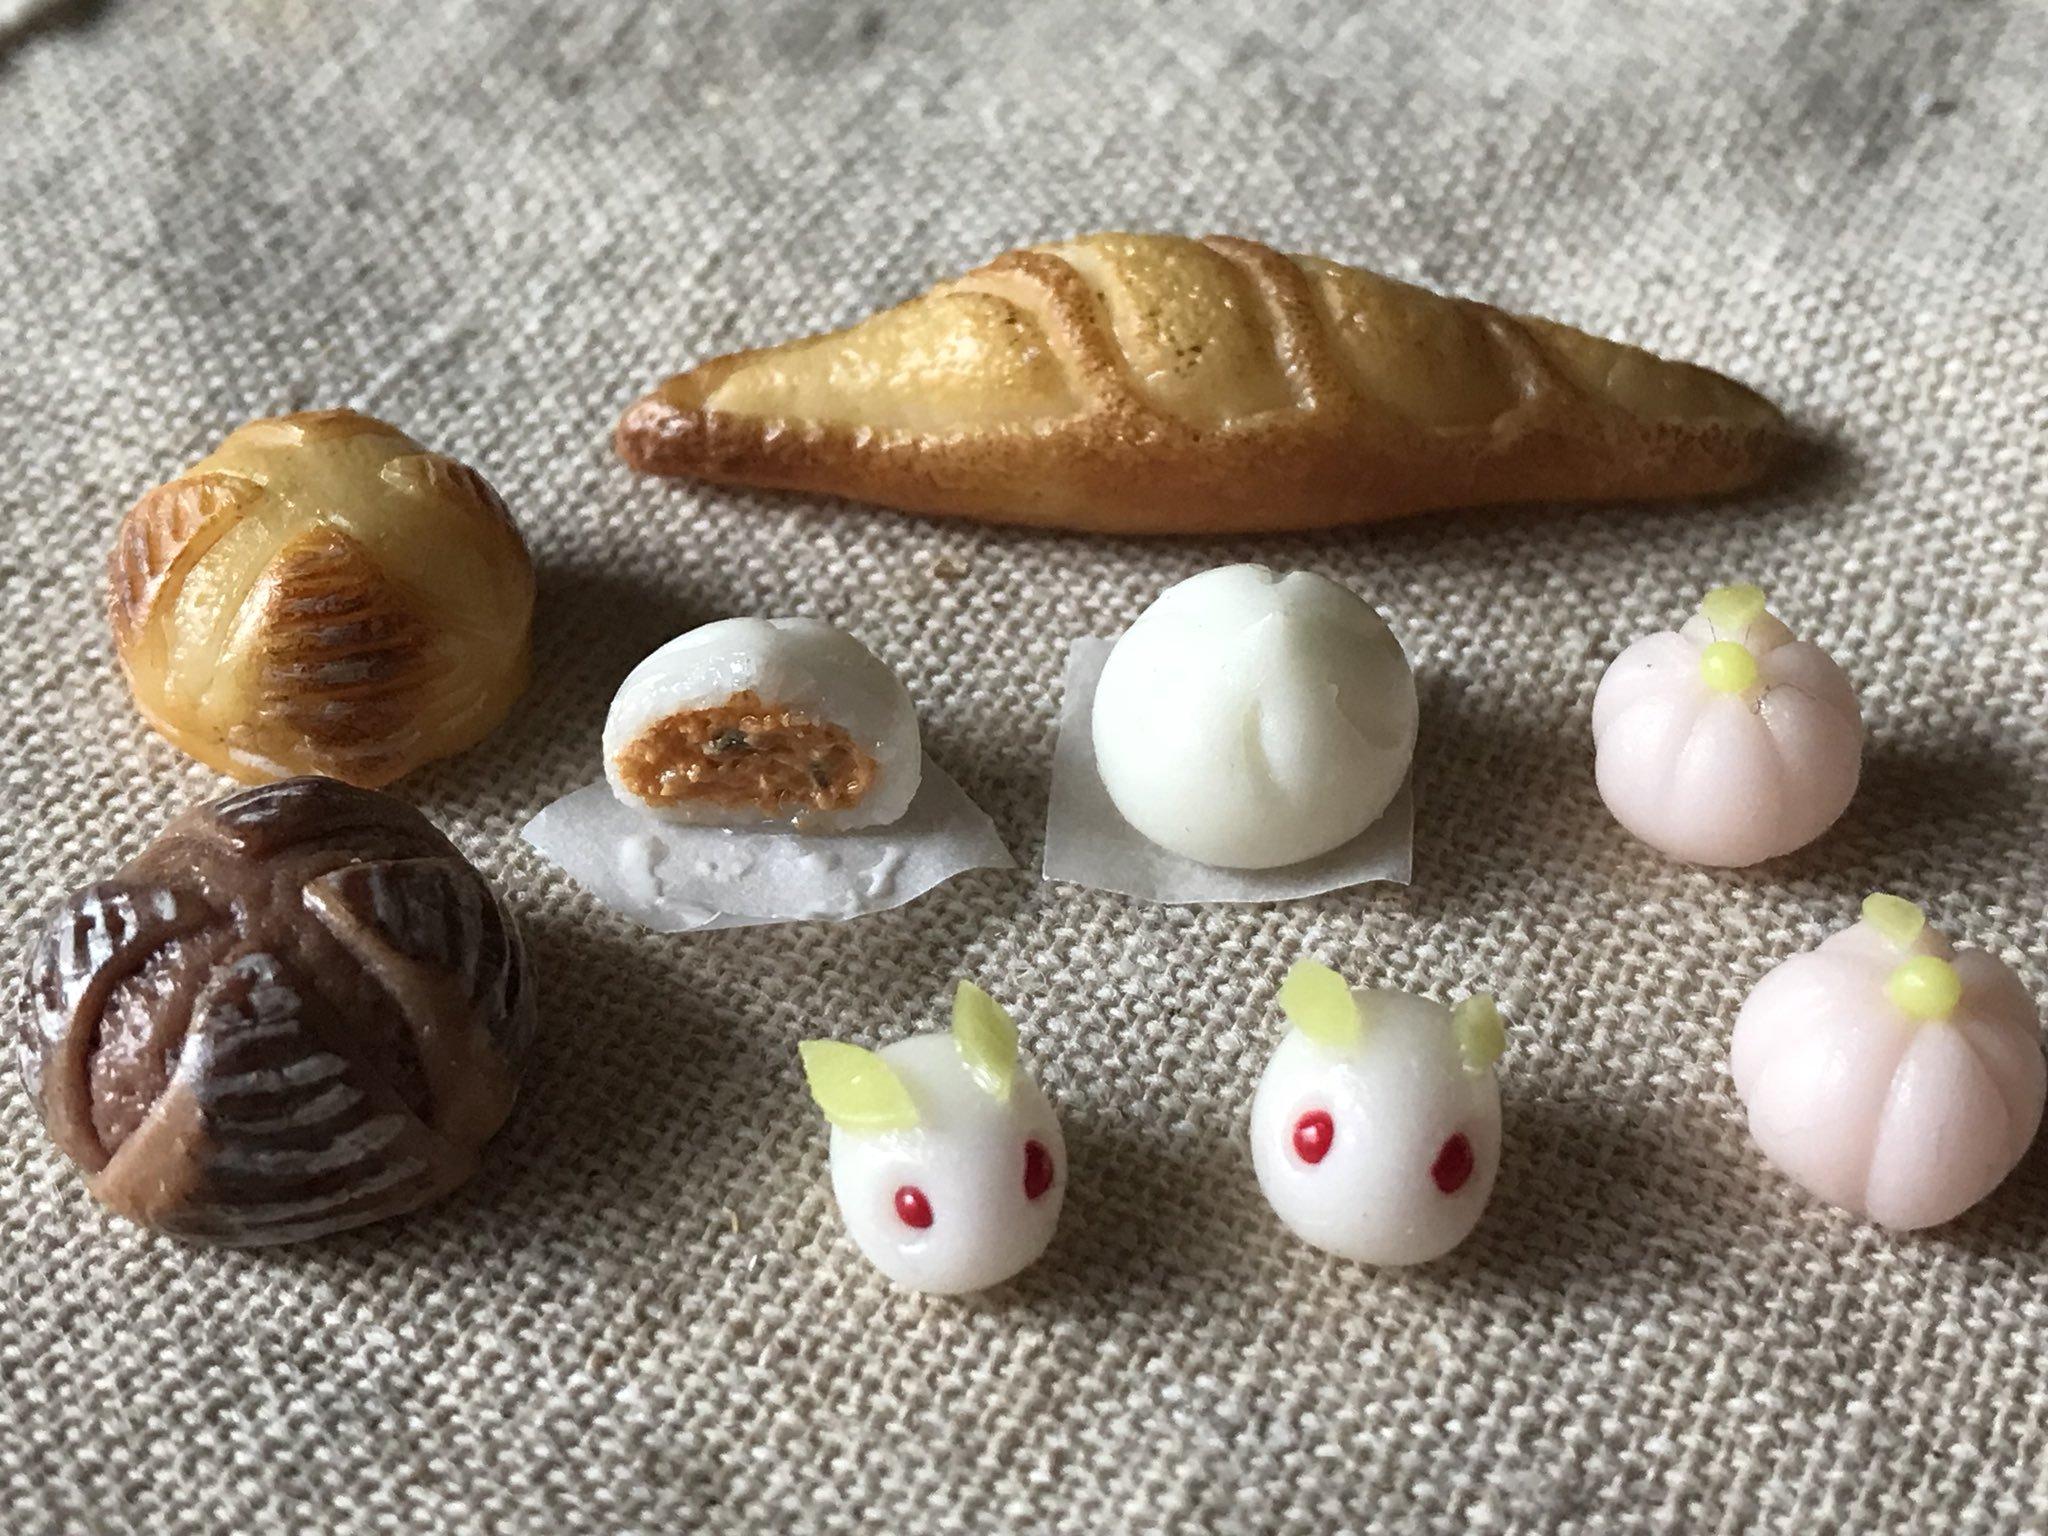 ドール小物おもちゃ,かわいいおすすめハンドメイド手作り,ミンネ販売